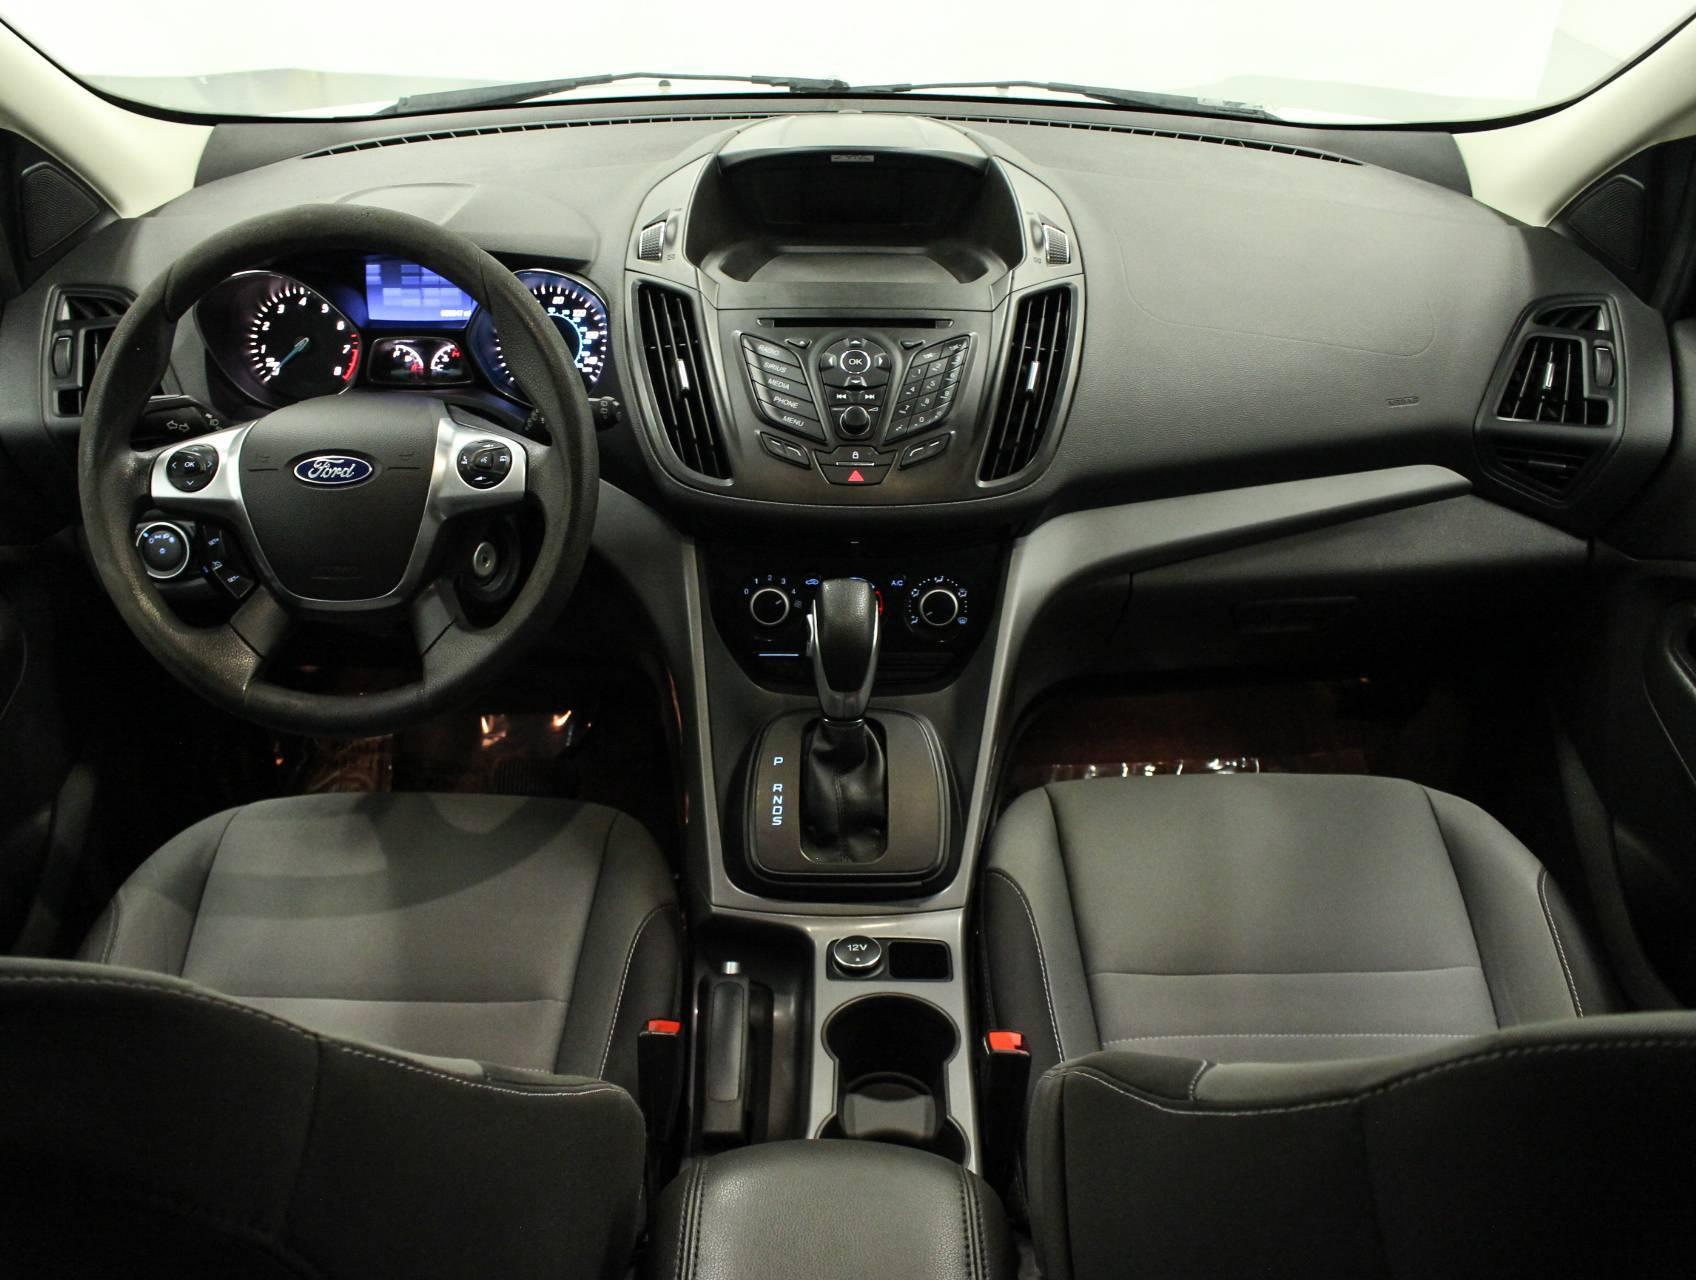 2014 Hyundai Santa Fe Limited For Sale >> Used 2015 FORD ESCAPE Se Awd SUV for sale in MIAMI, FL ...